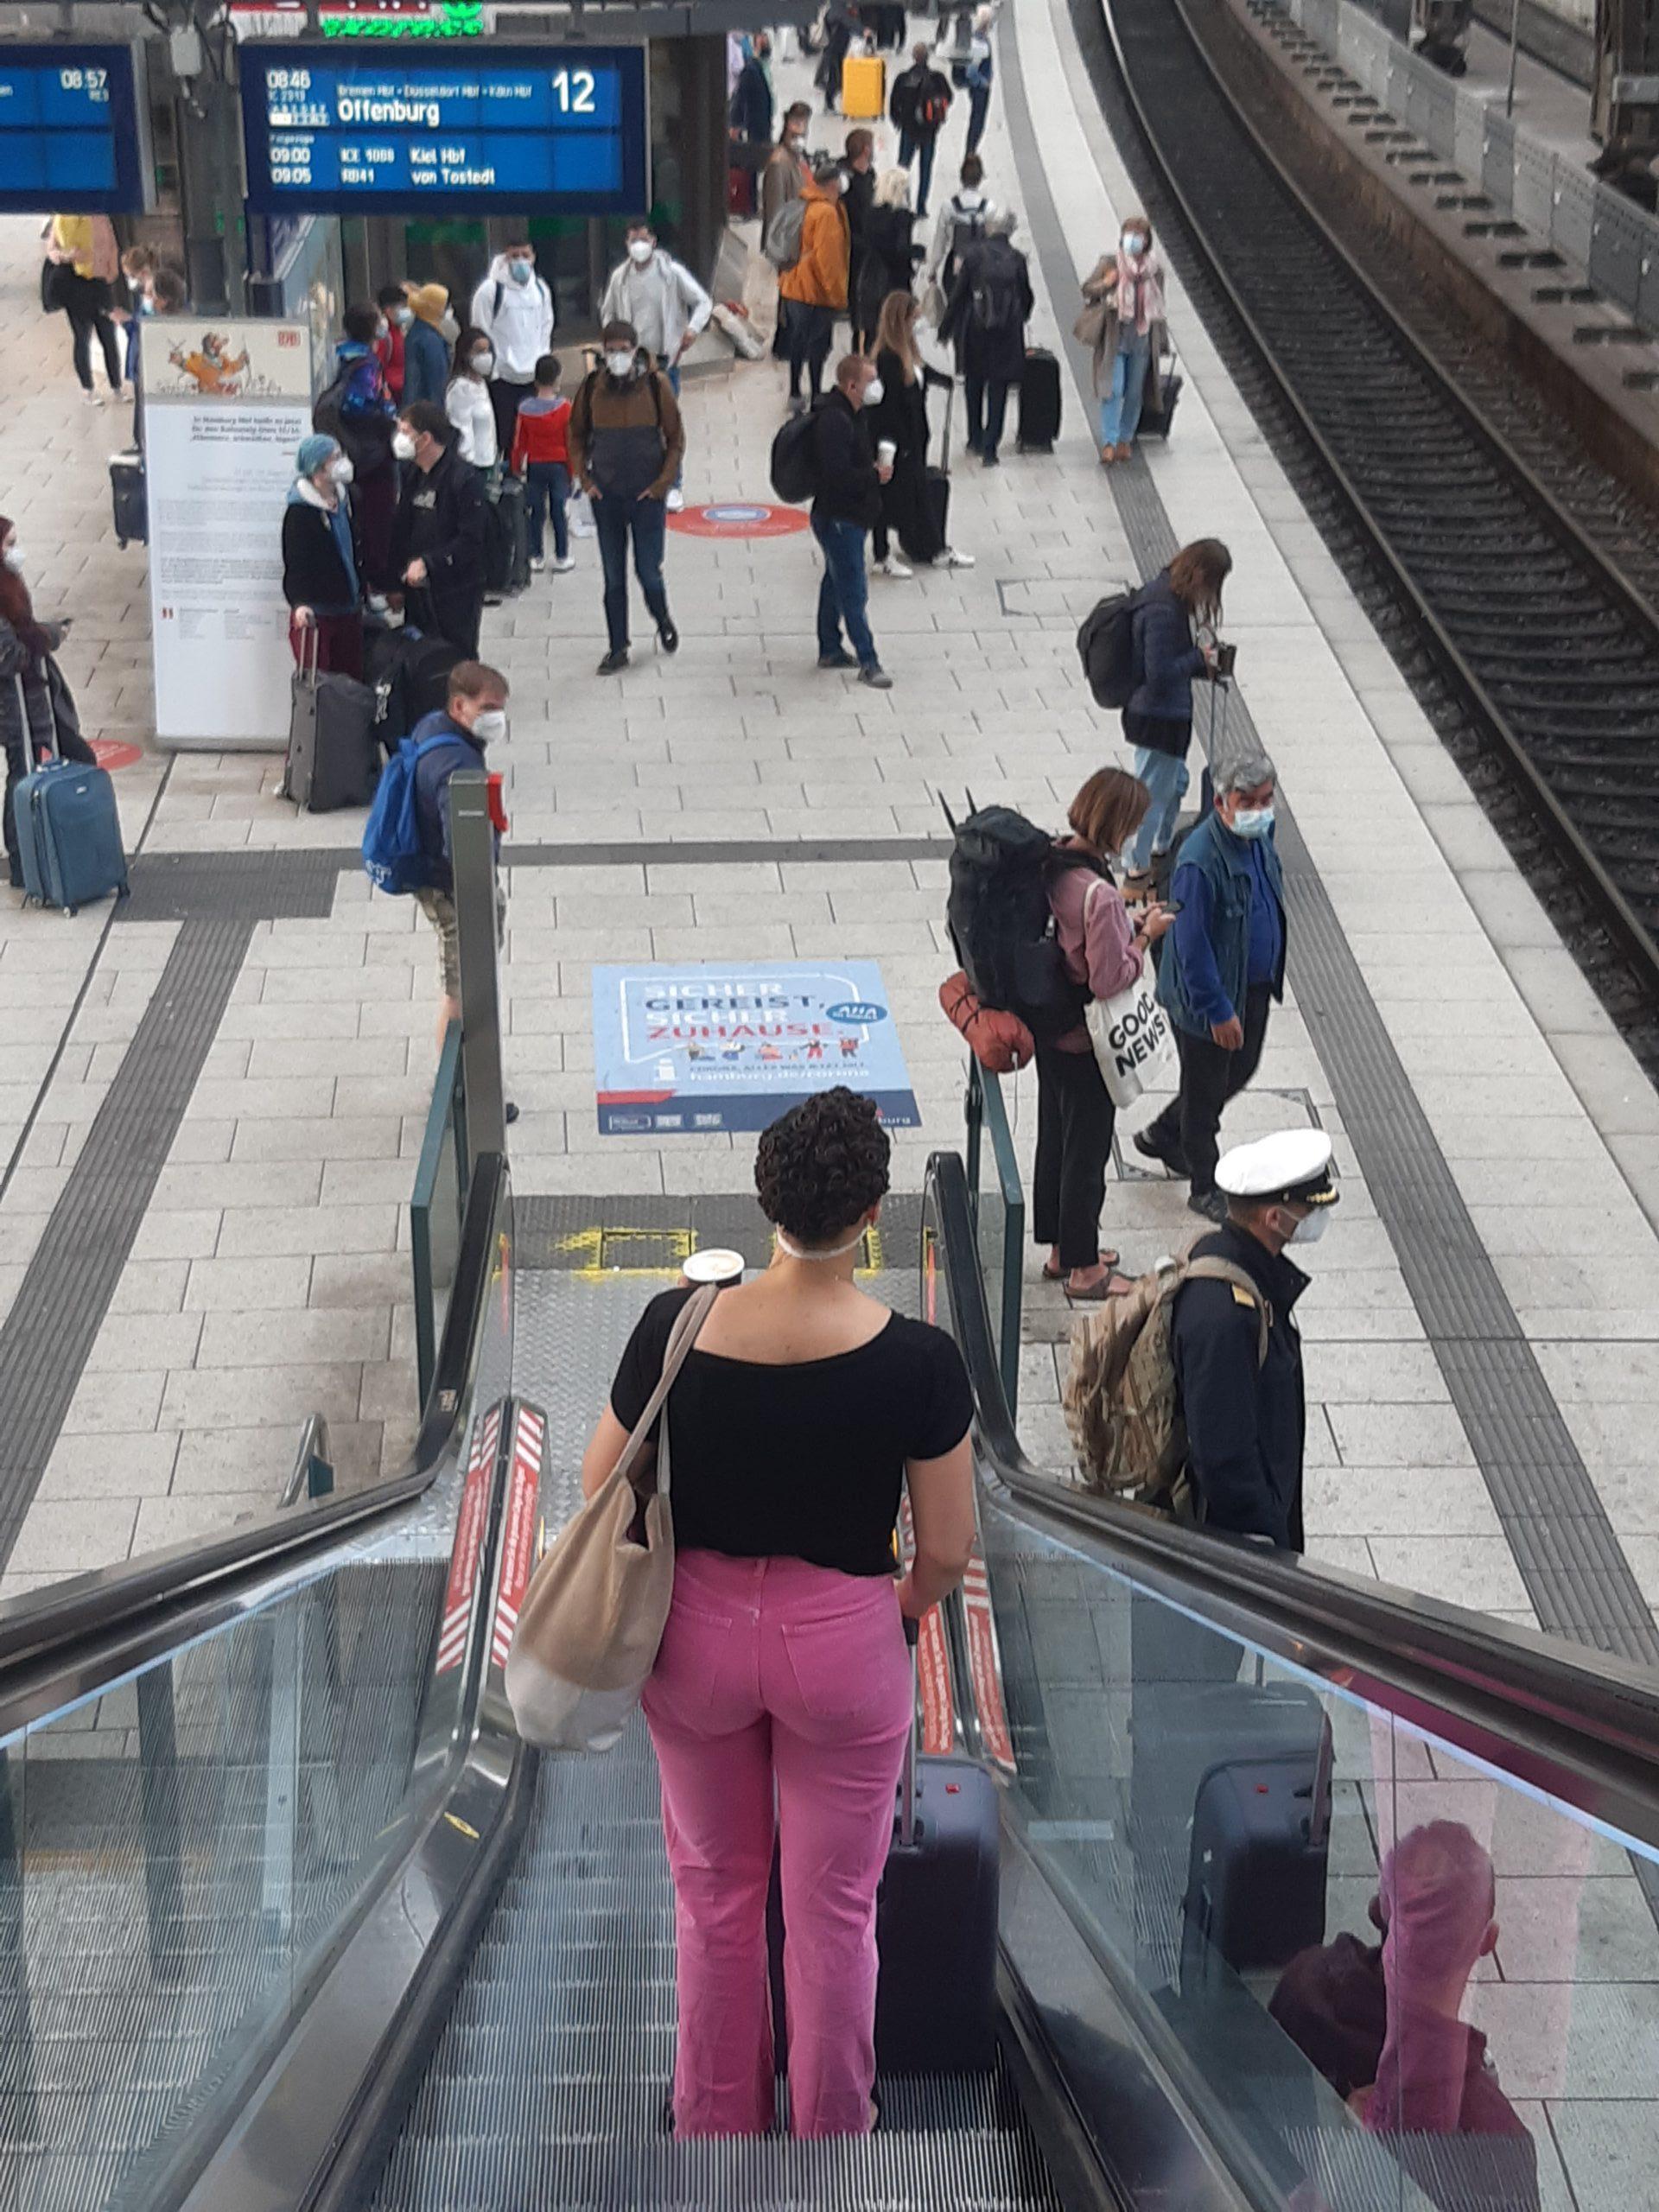 Beim Rundgang am Montagmorgen am Hauptbahnhof trugen so gut wie alle wartenden Fahrgäste eine Maske korrekt.